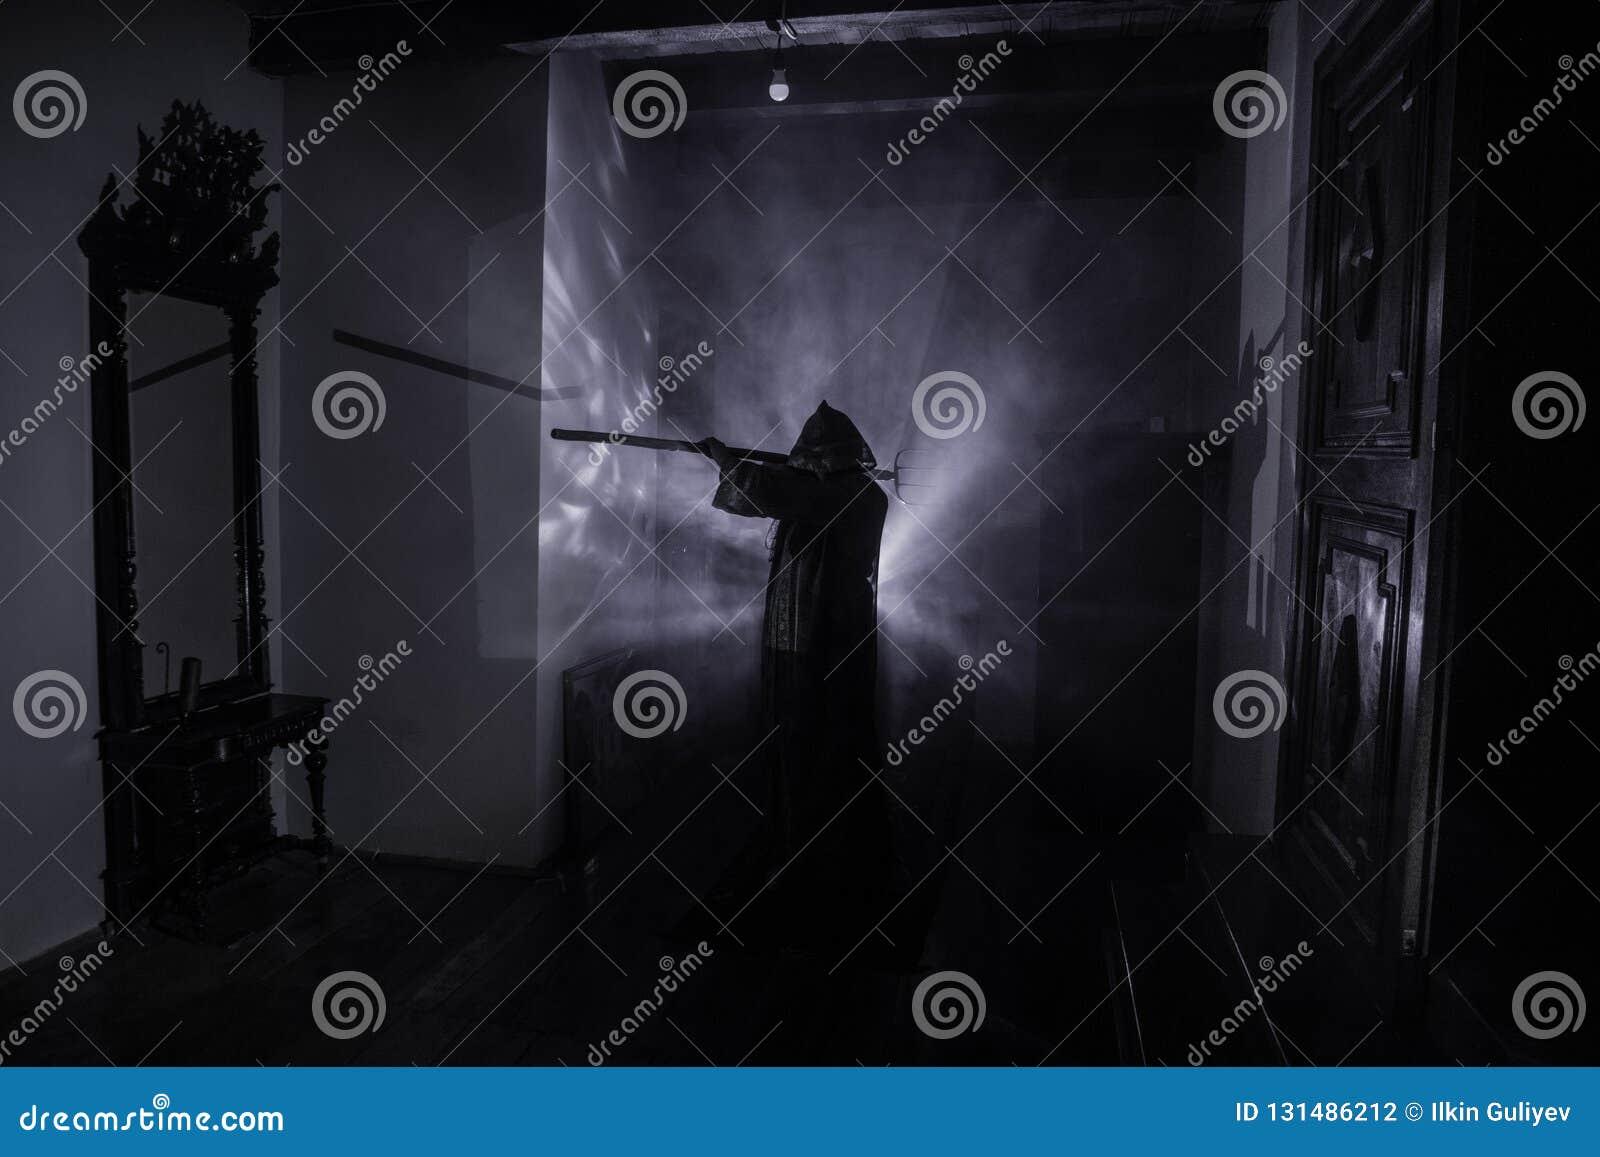 鬼魂恐怖剪影在暗室里面的有镜子的 可怕万圣节概念 巫婆剪影在鬼屋里面的与